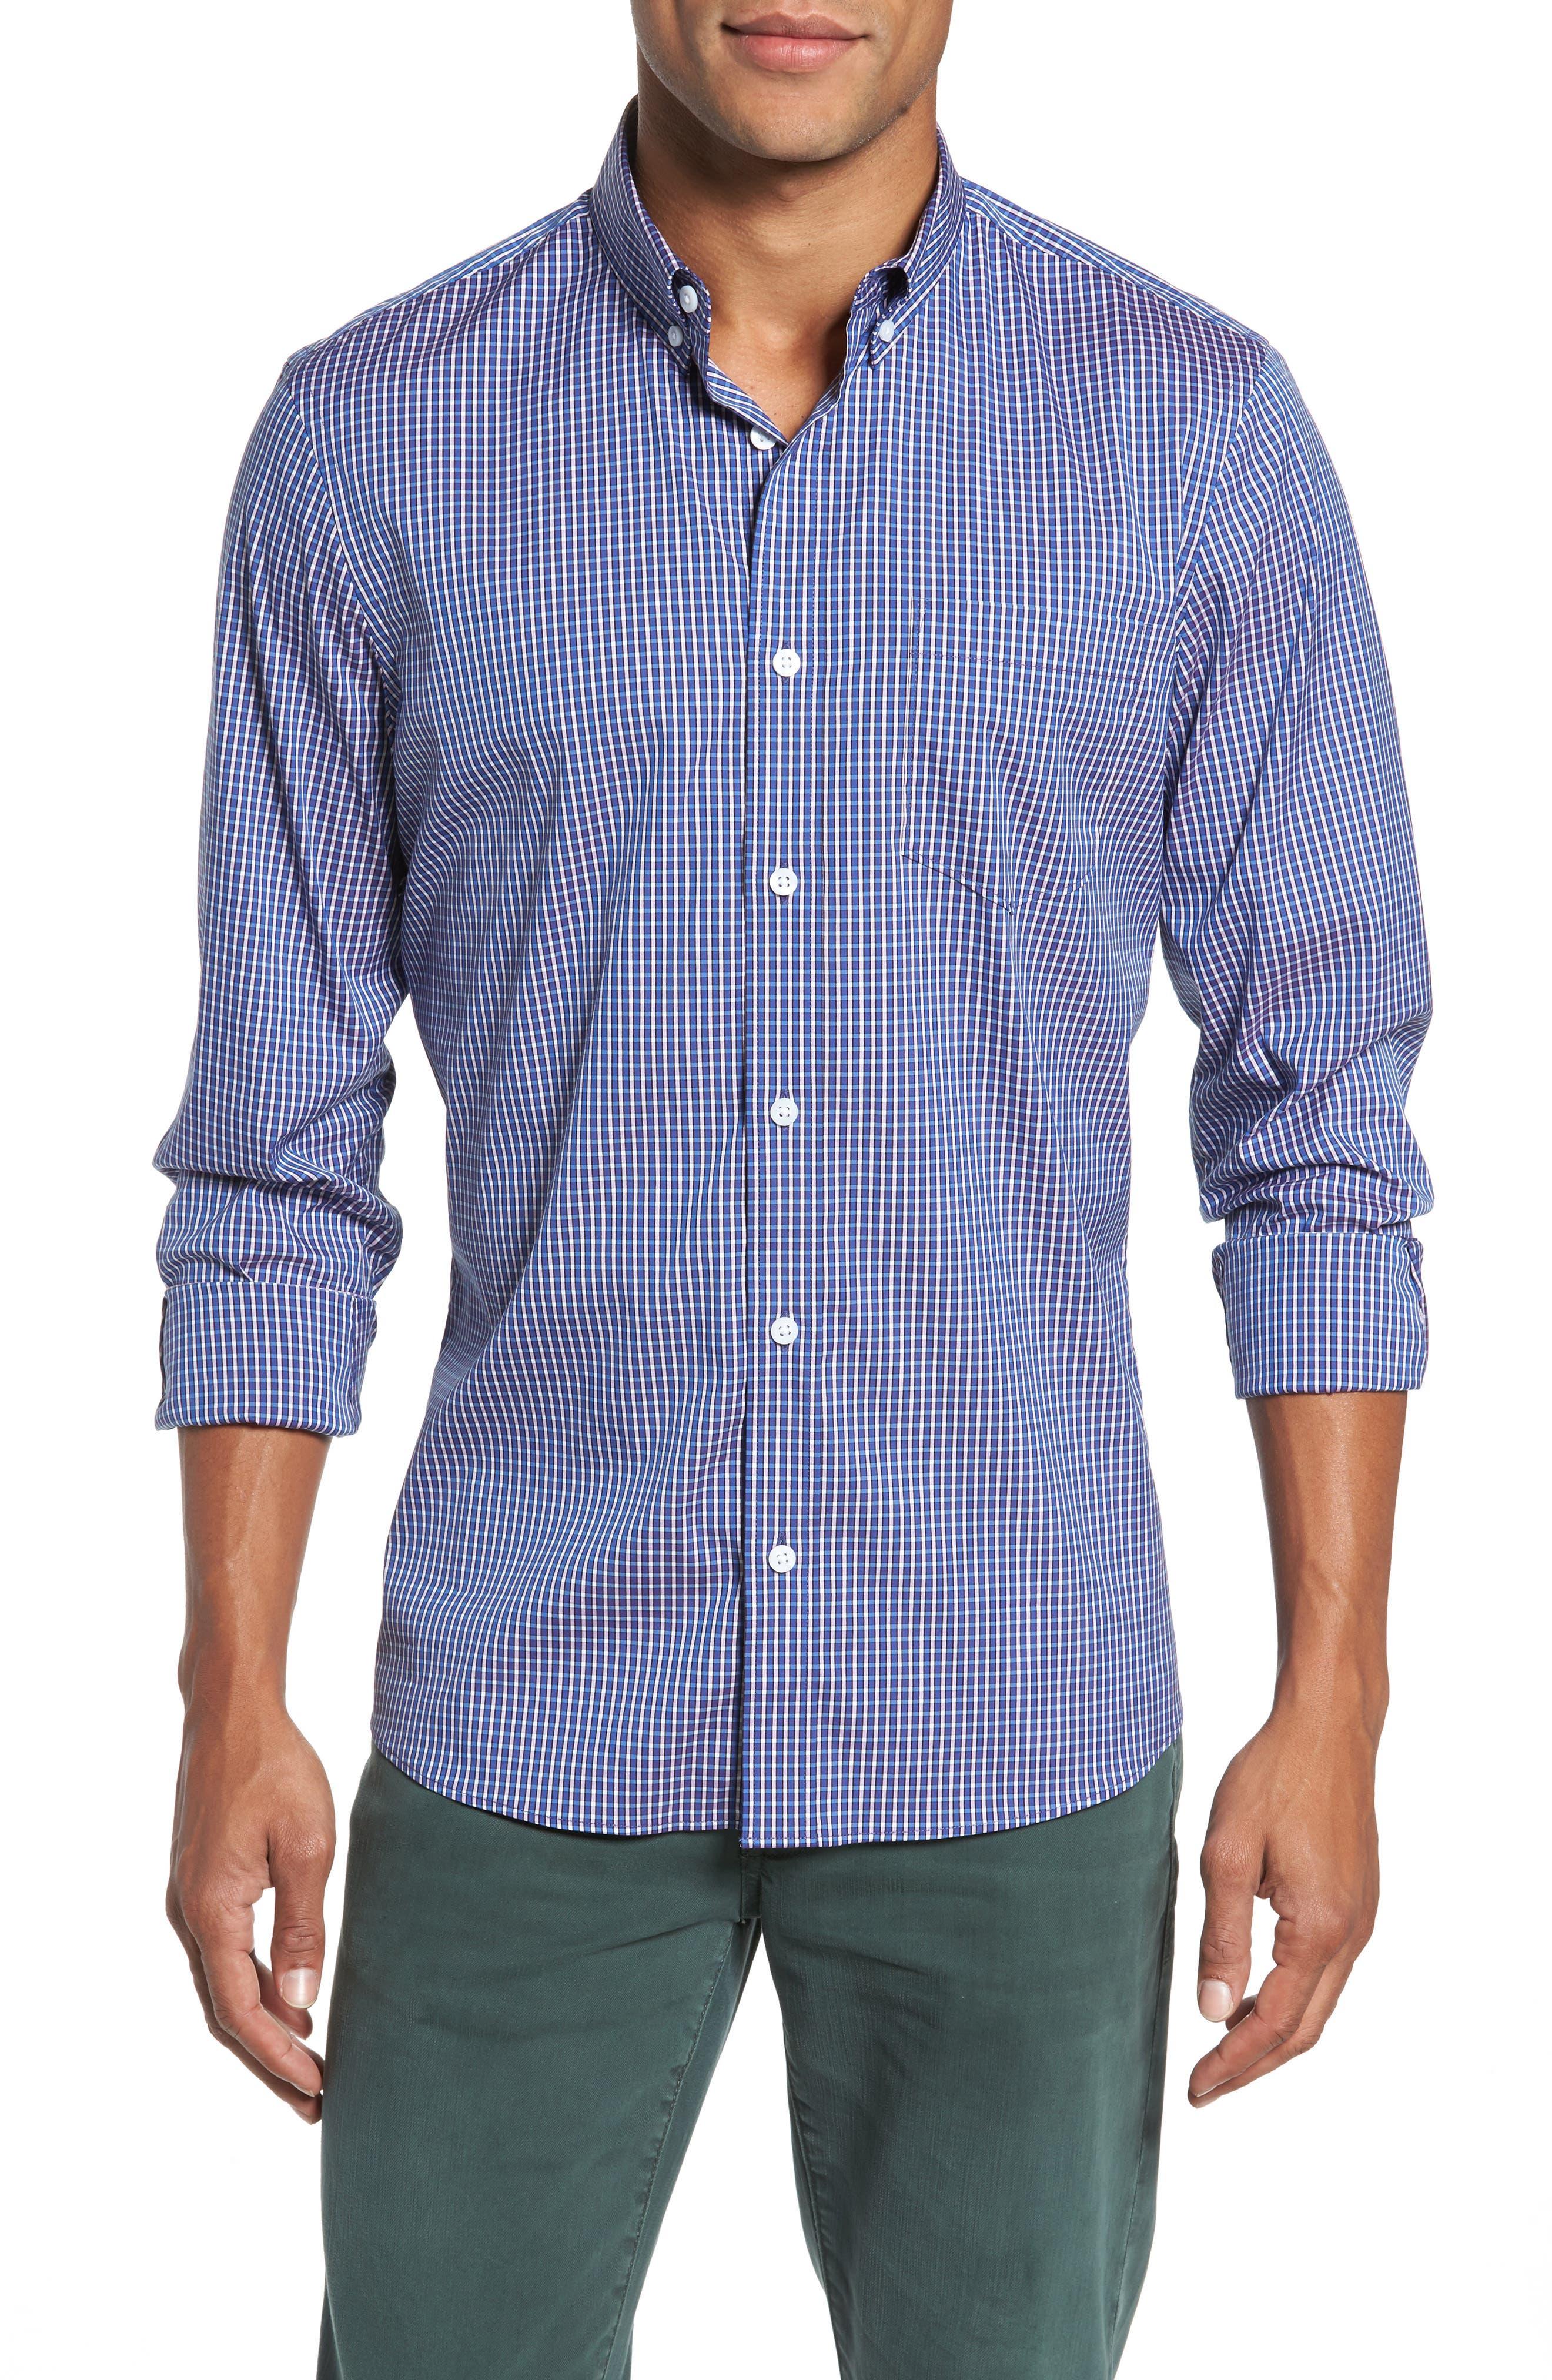 Main Image - Nordstrom Men's Shop Tech-Smart Trim Fit Check Sport Shirt